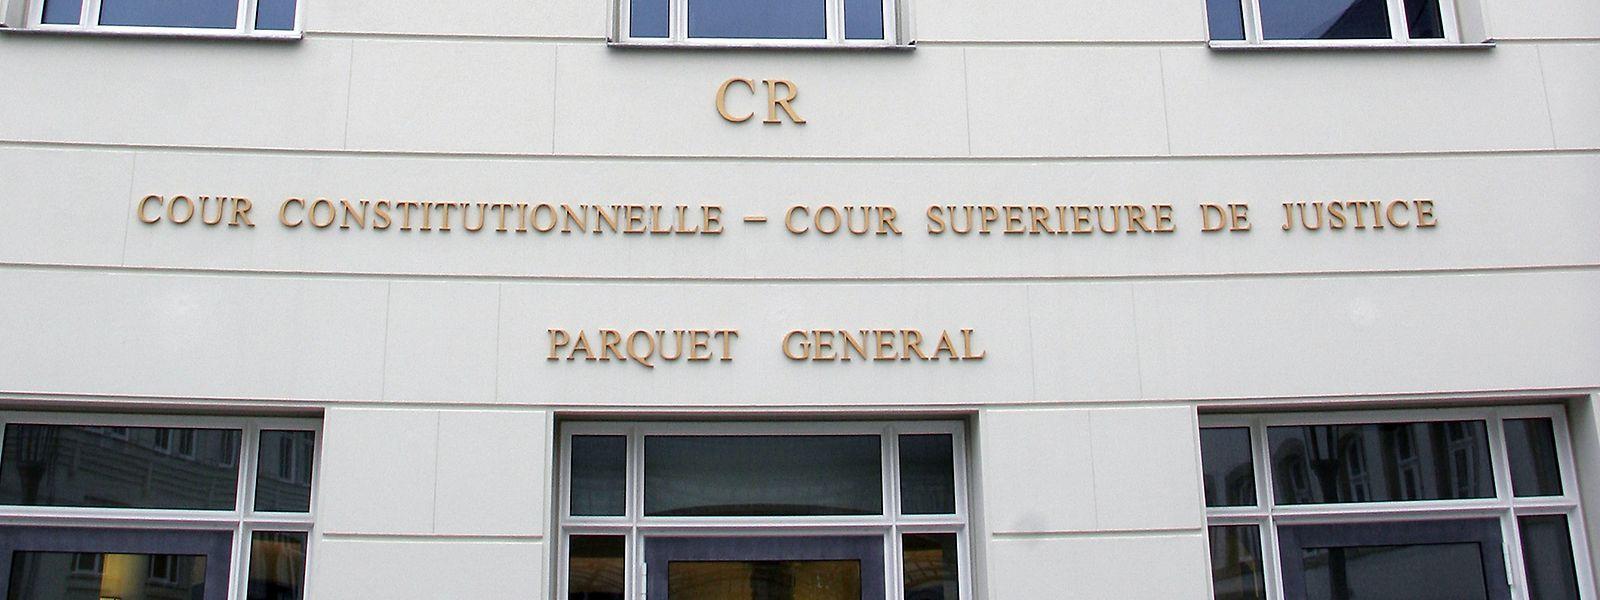 Der Verfassungsgerichtshof kann in Zukunft bei Bedarf auf Ersatzrichter zurückgreifen.